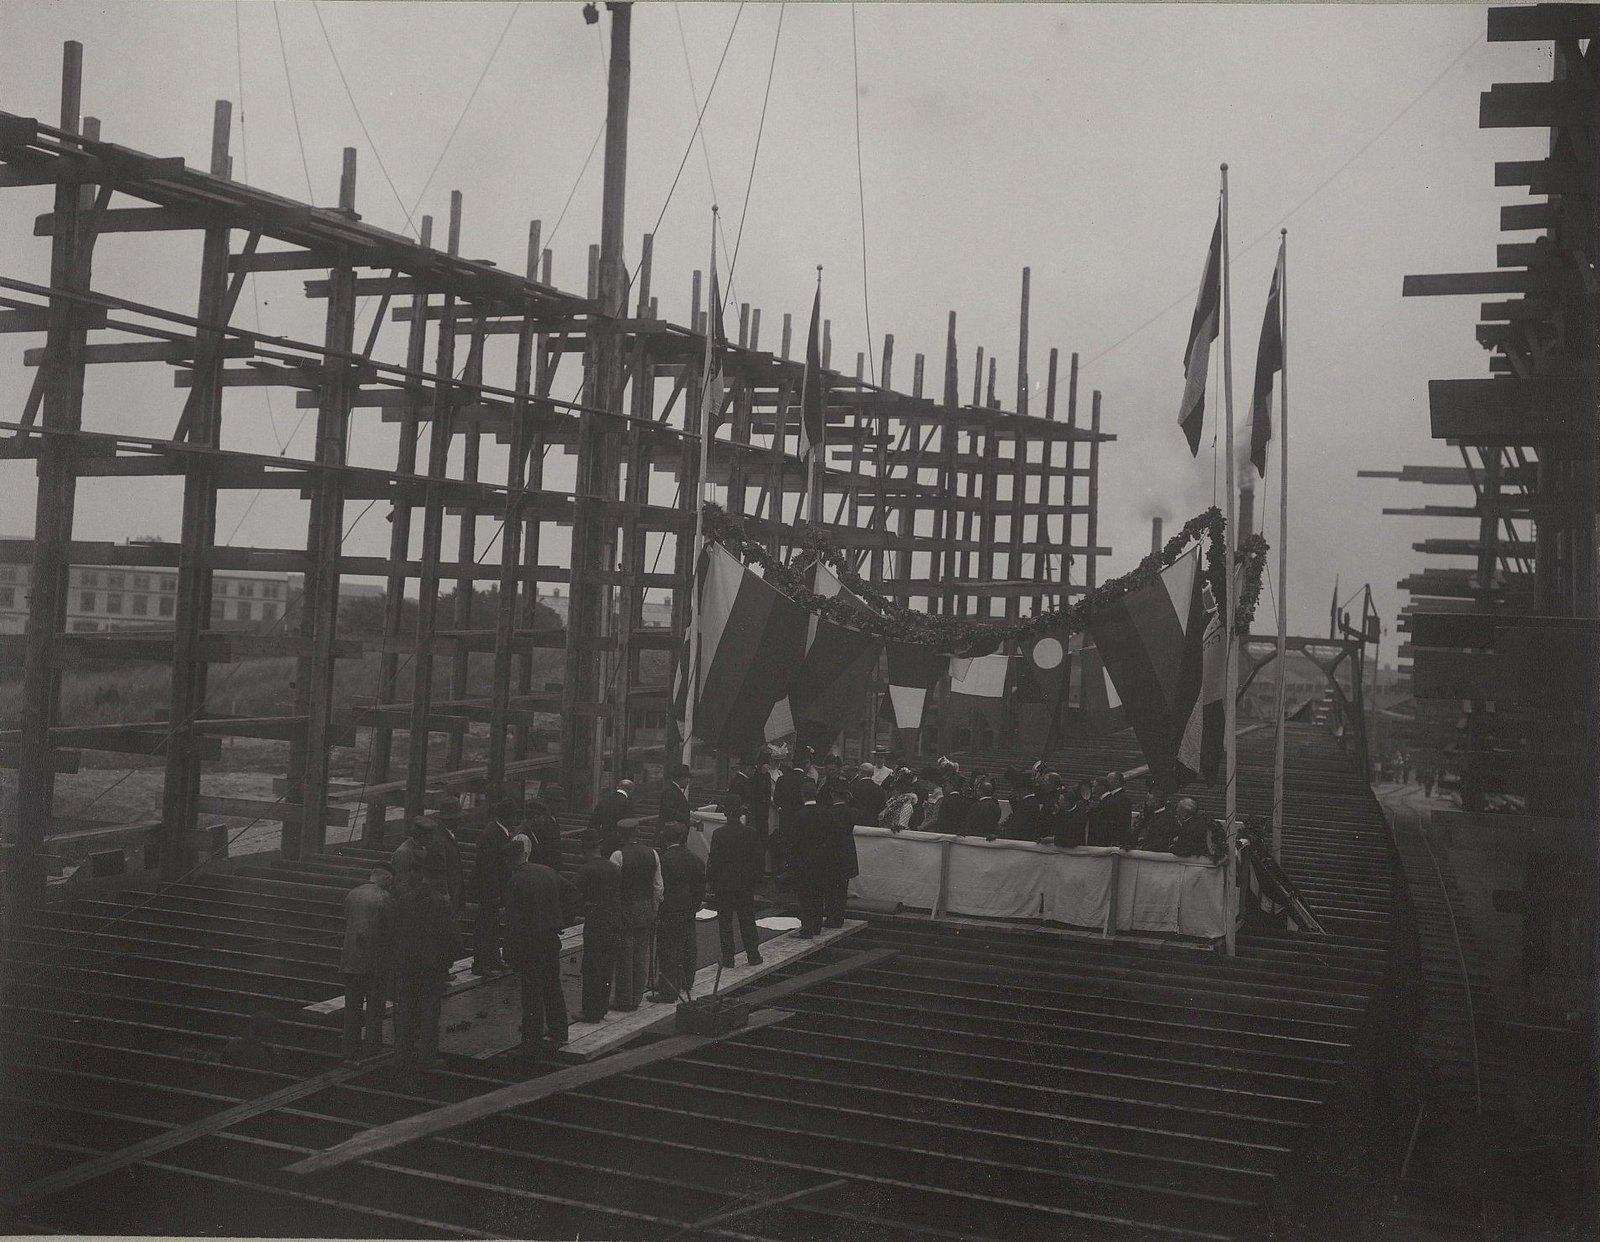 27. Закладка строительства судна «Океан» на машино-судостроительном заводе Говальдтсверке в Киле. 28 мая 1901 г.